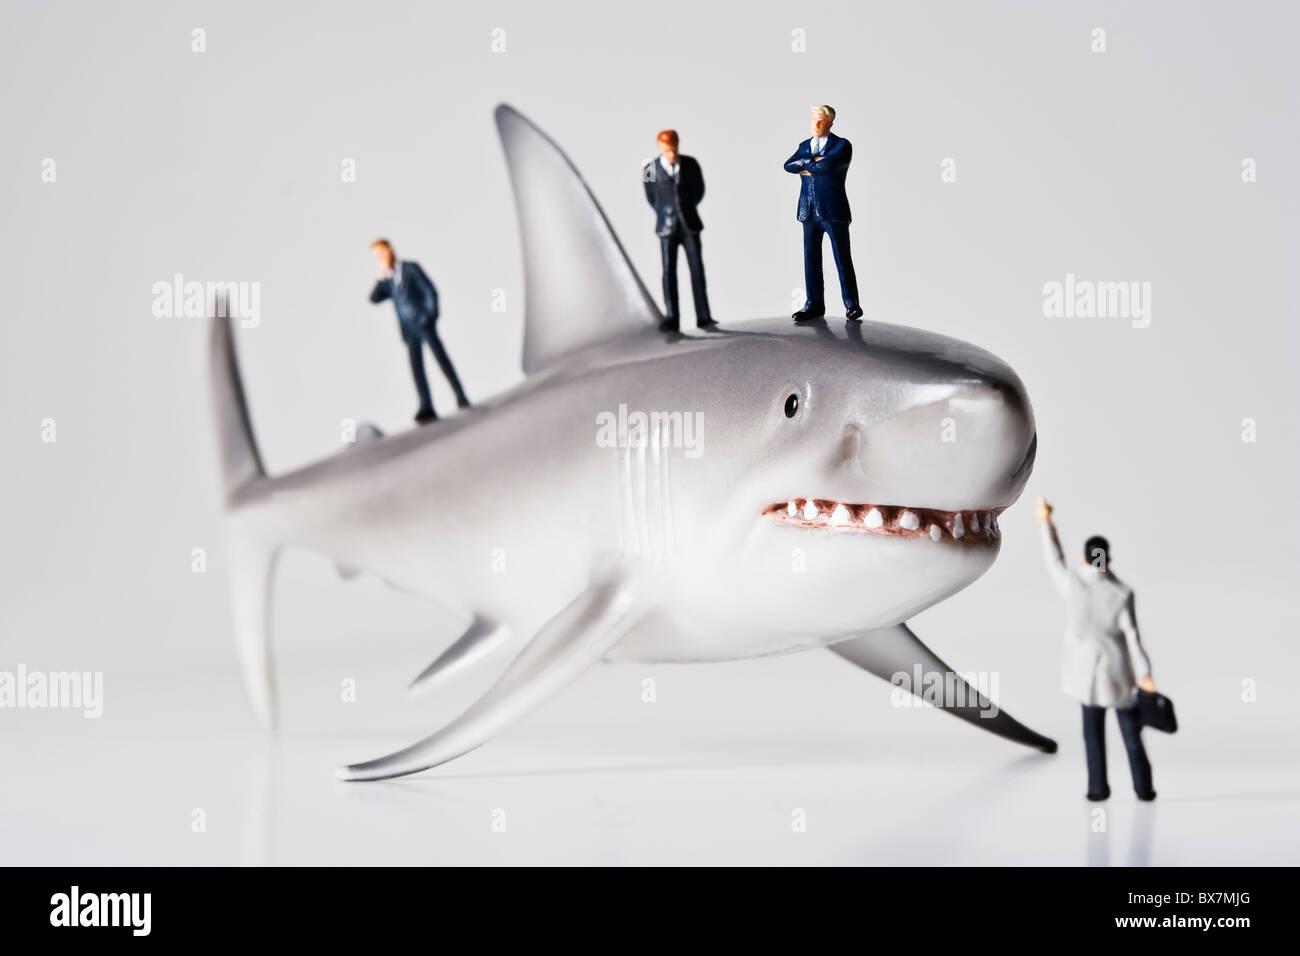 Geschäft Figuren platziert mit einem Hai-Figur. Stockbild